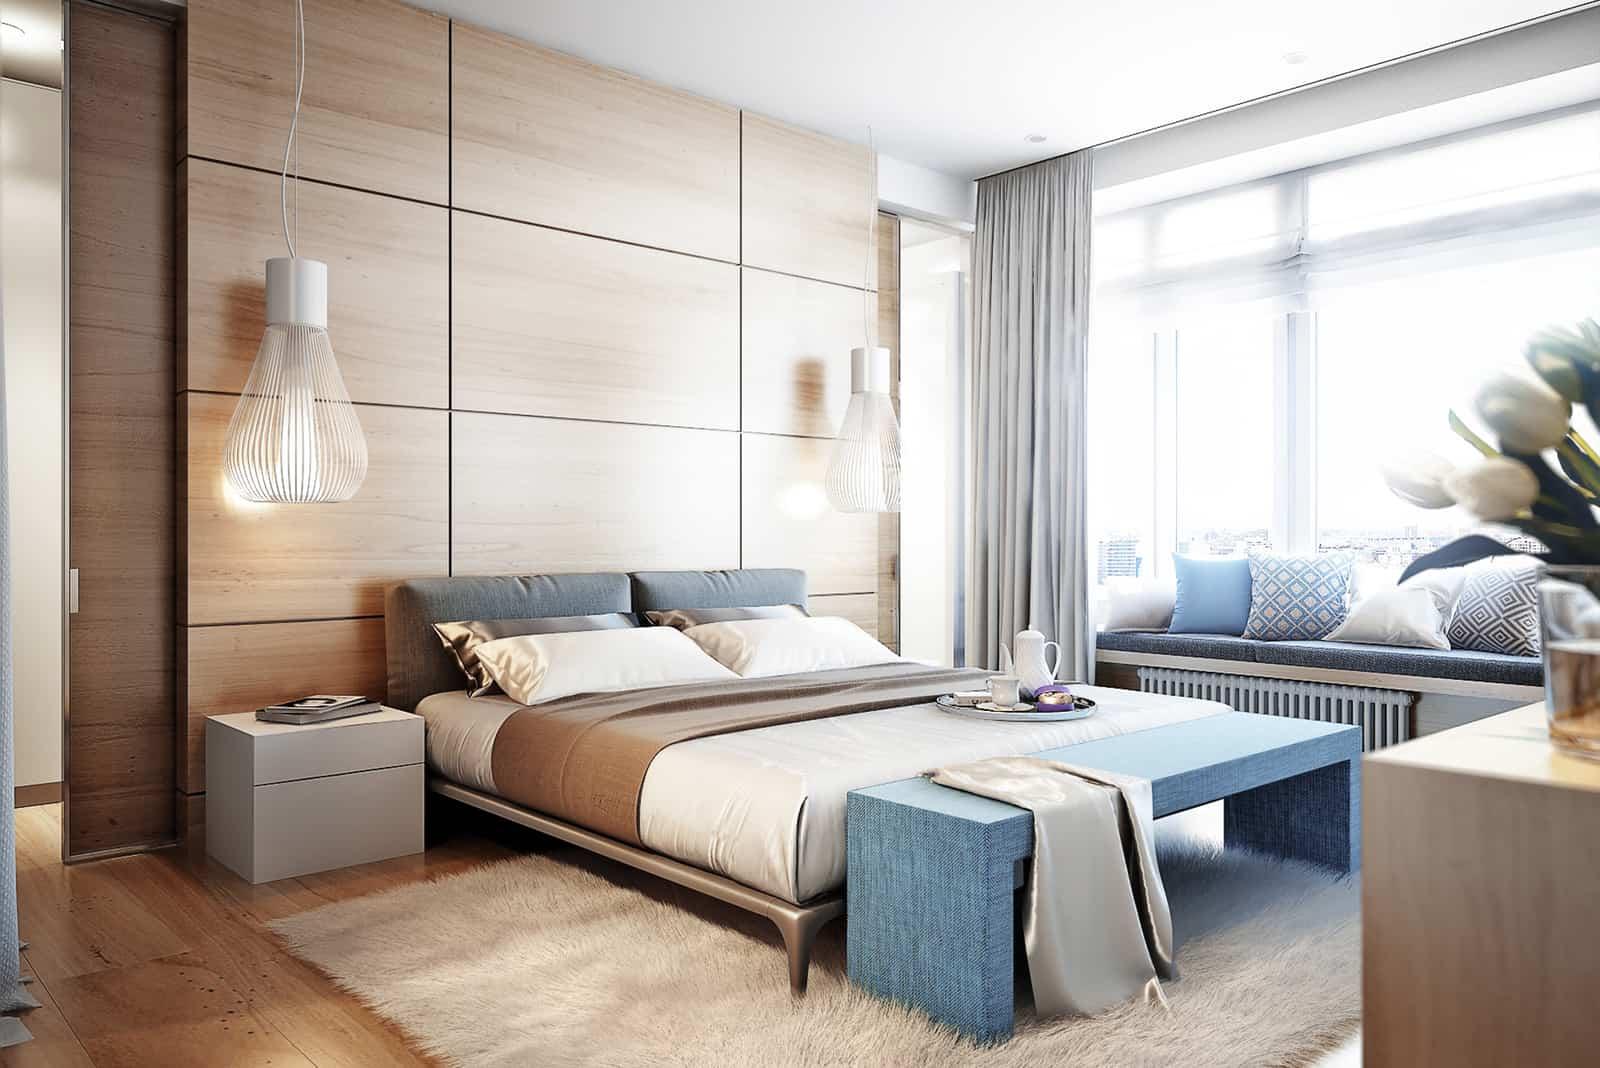 Helles und gemütliches modernes Schlafzimmer mit Ankleideraum